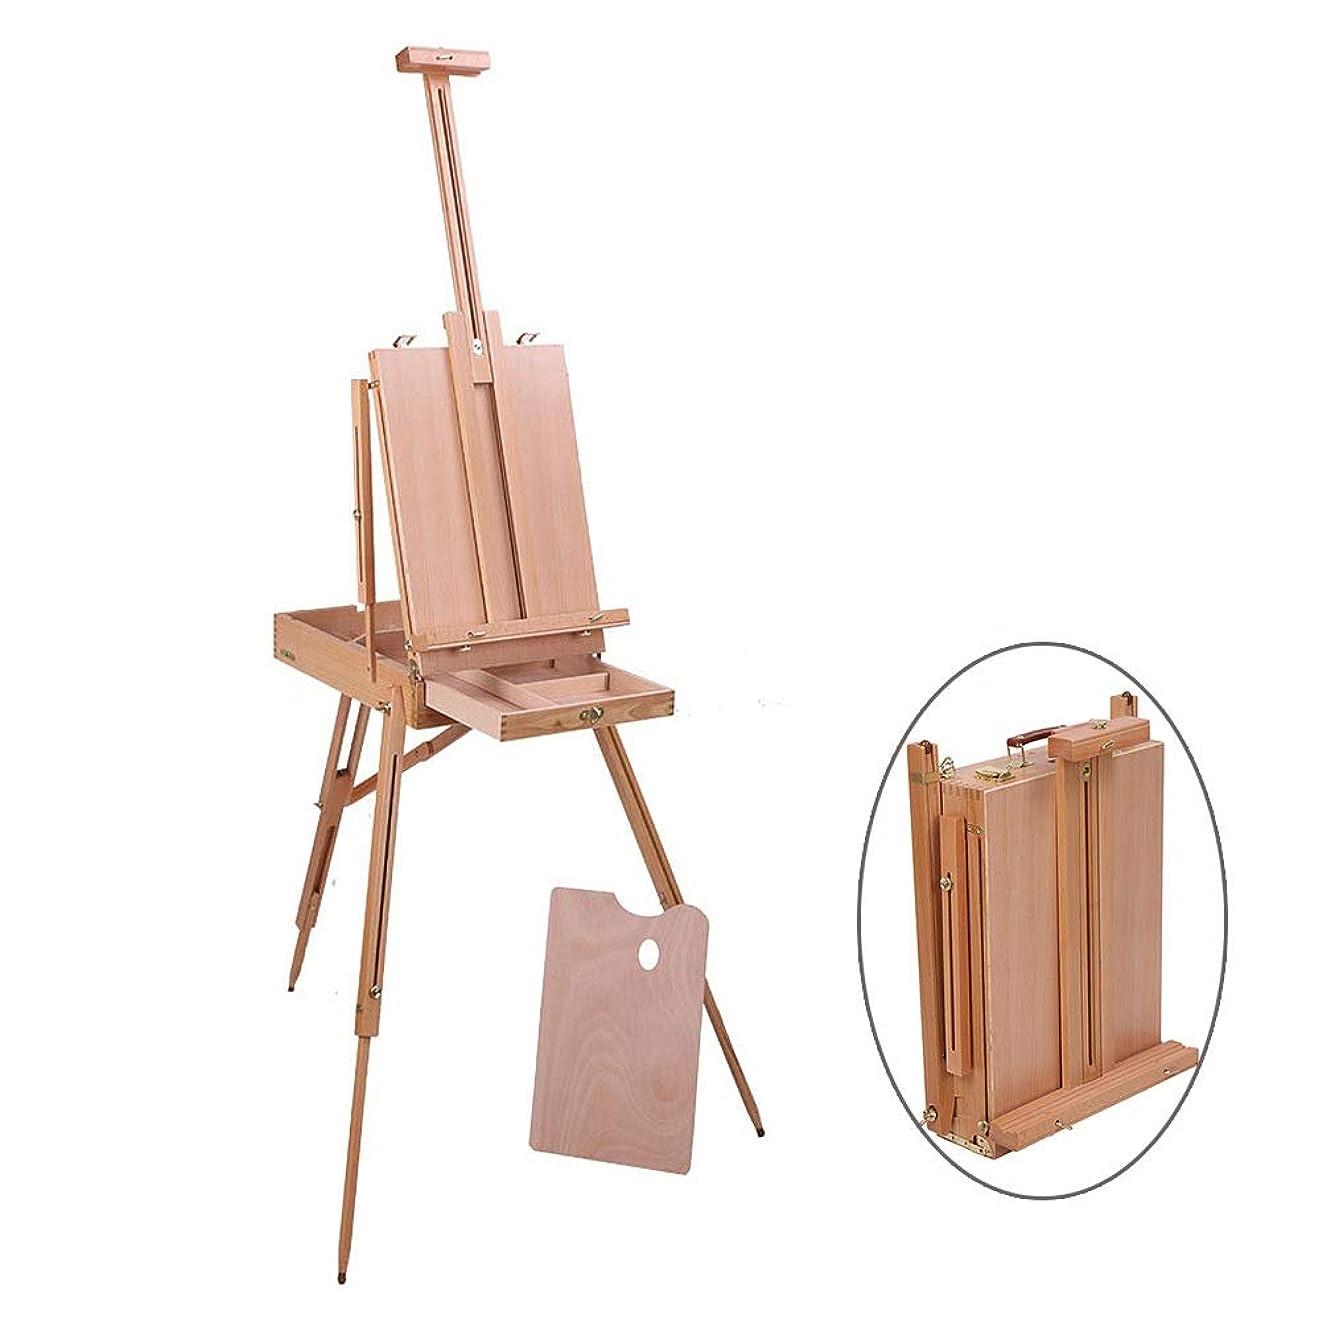 大脳ブロンズクラウドアーティスト イーゼル 木製 三脚スタンド 表示 保有者 調整可能 ペインティング 図 スケッチボックス ポータブル 折り畳み アーティスト 画家 フィールド スタジオ